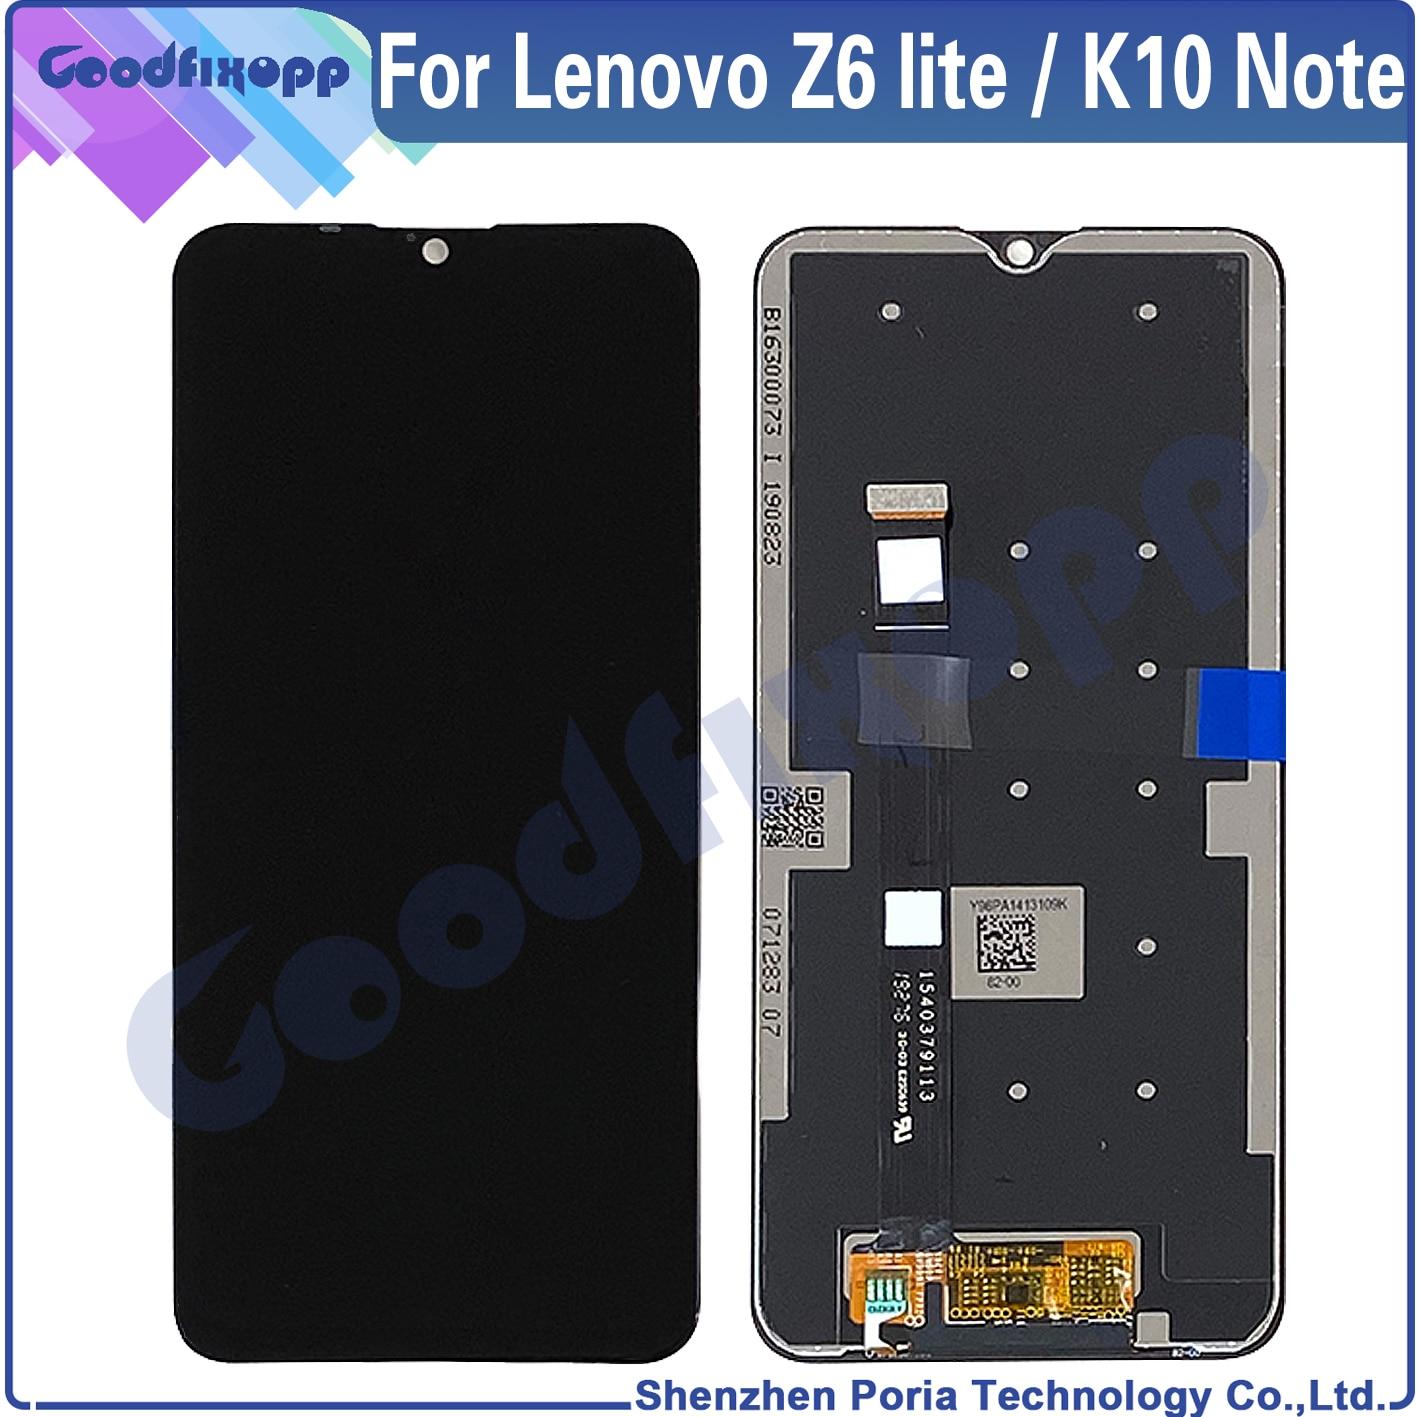 الأصلي 100% اختبار AAA لينوفو K10 ملاحظة Z6lite محول الأرقام الجمعية شاشة LCD لينوفو K10Note Z6 لايت L38111 Z6 الشباب